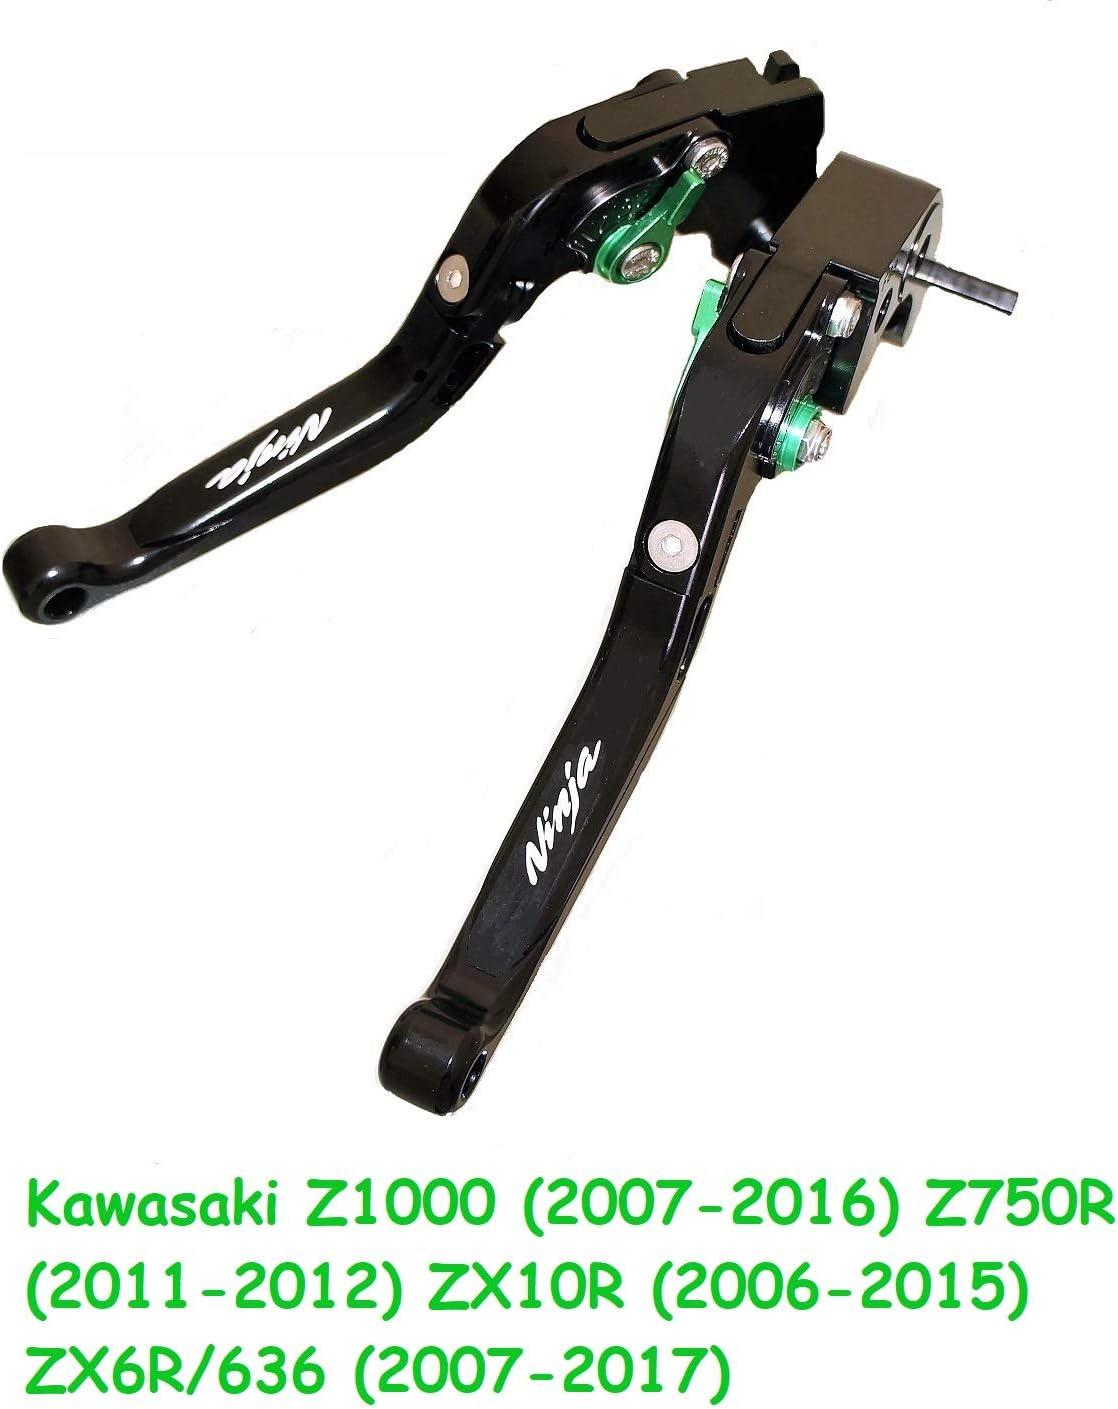 ZX10R Z750R ZX6R//636 2011-2012 Manette Leiver dembrayage et de frein r/églables avec logo pour Kawasaki Z1000 court 2006-2015 2007-2017 2007-2016